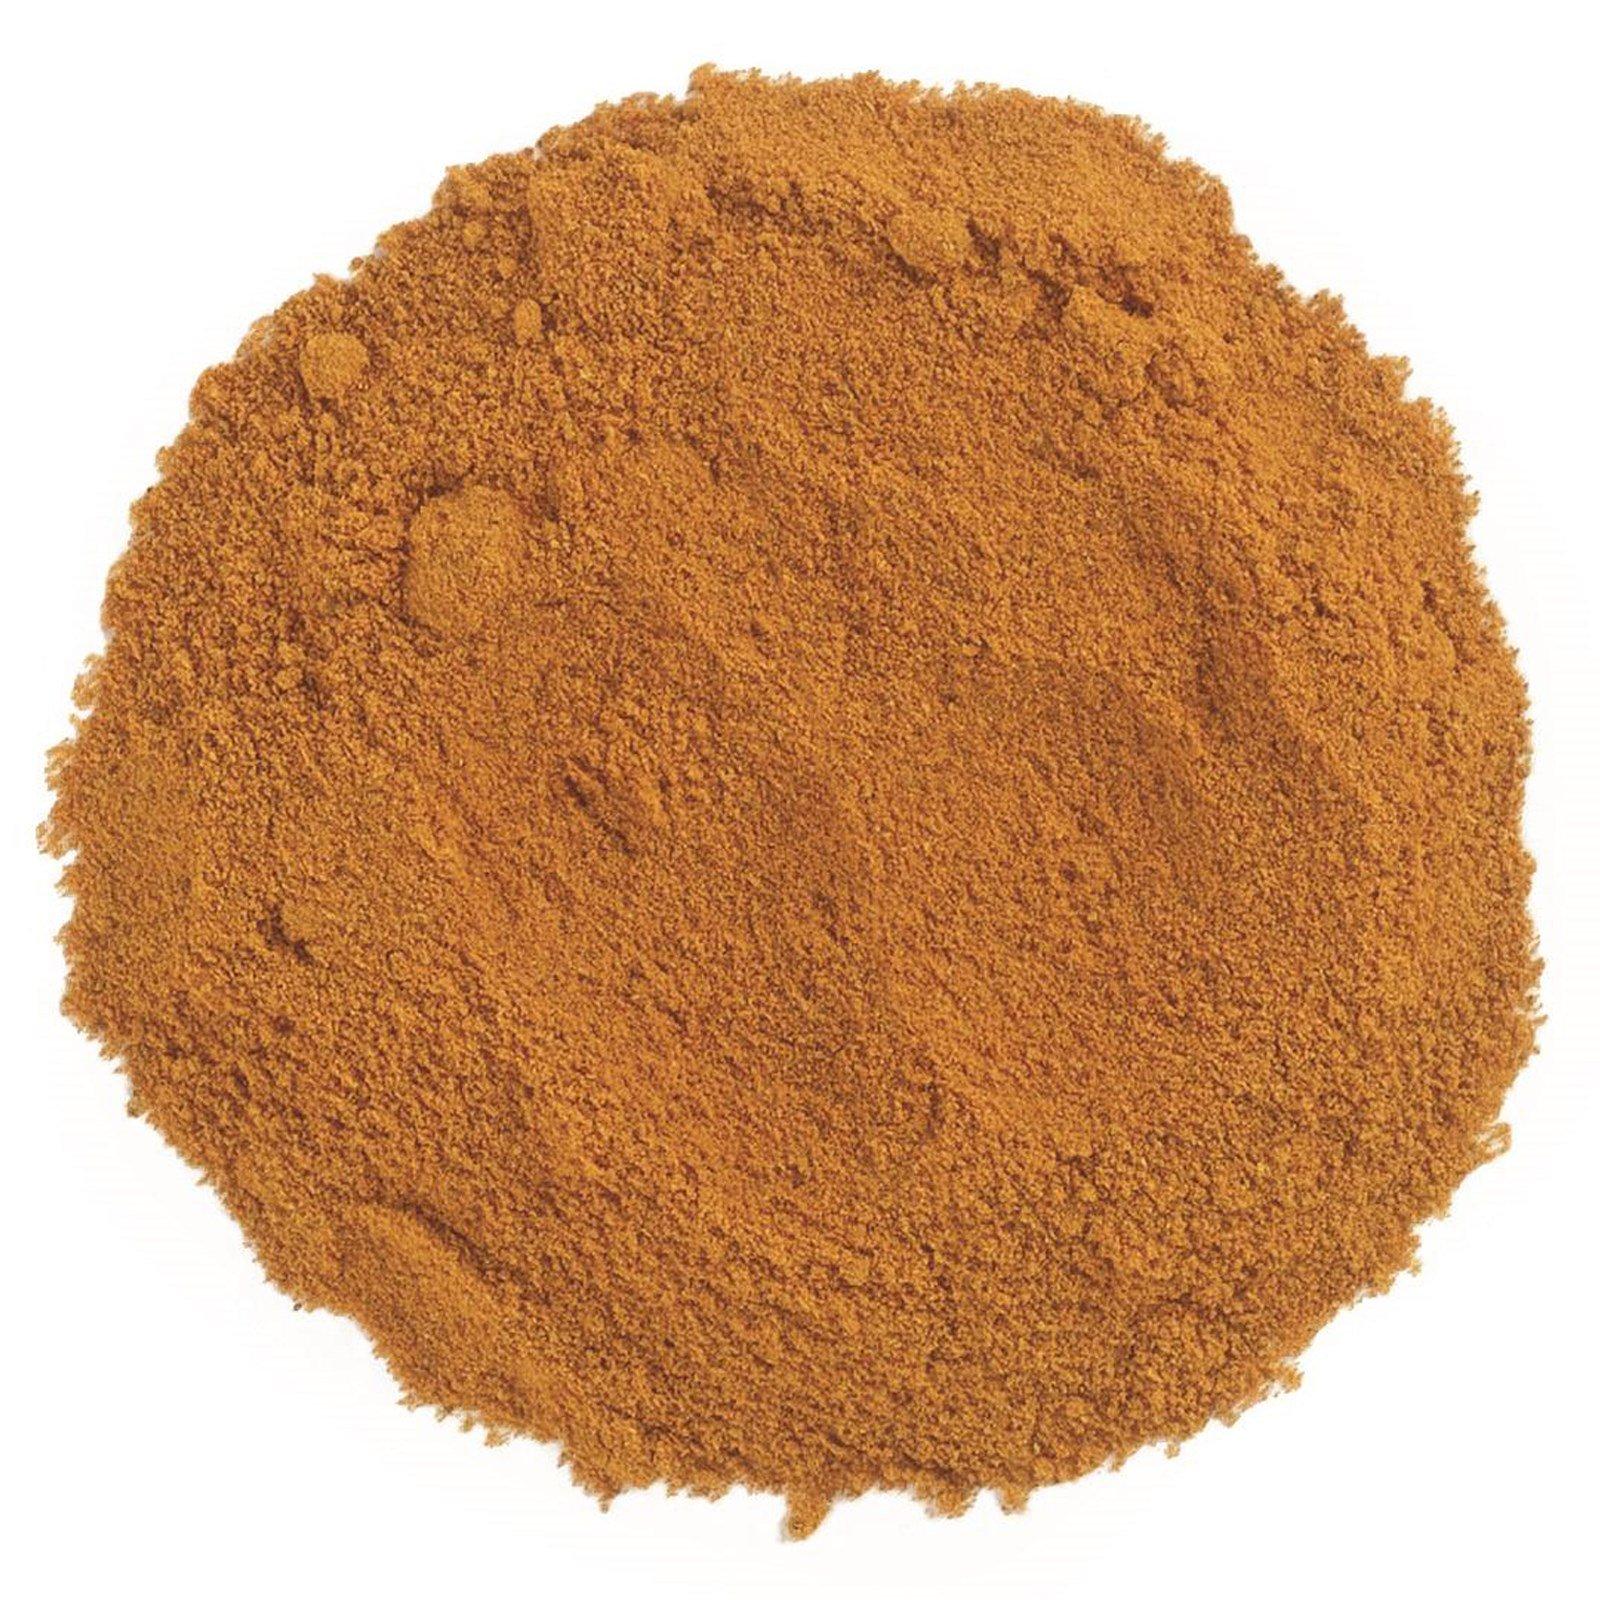 Frontier Natural Products, Органический измельченный корень куркумы, 16 унций (453 г)